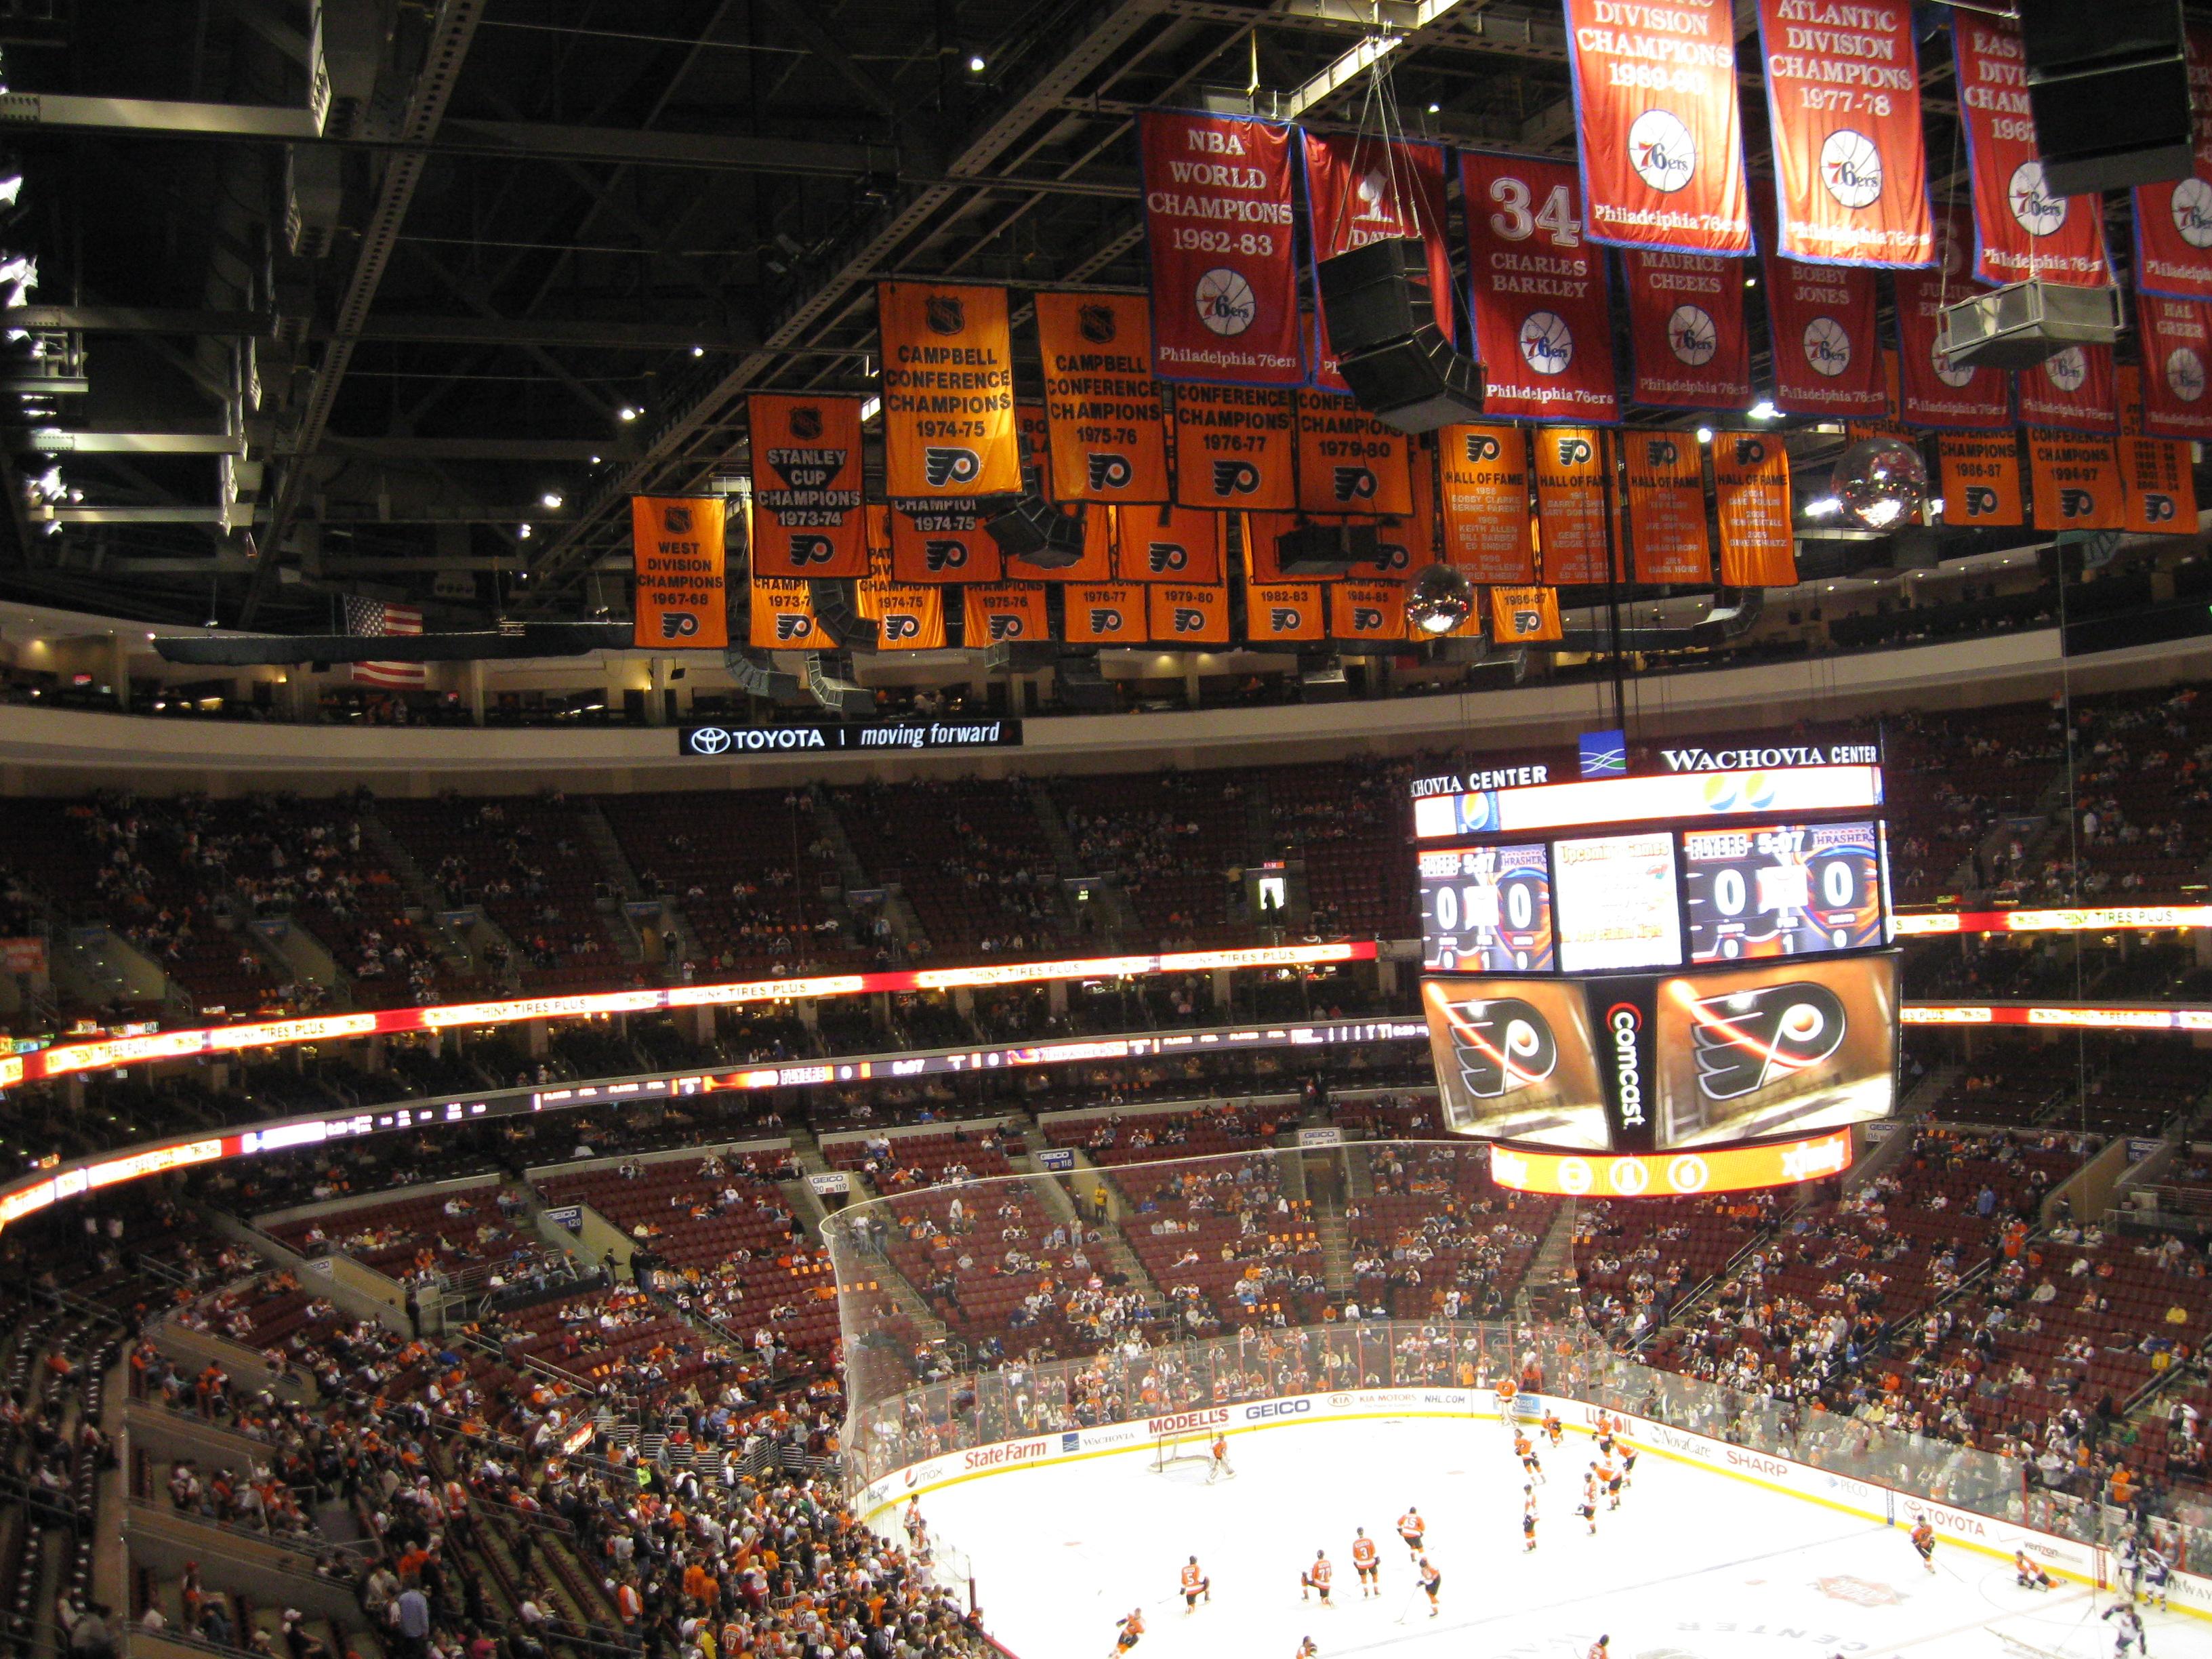 72 Wells Fargo Center « Stadium and Arena Visits